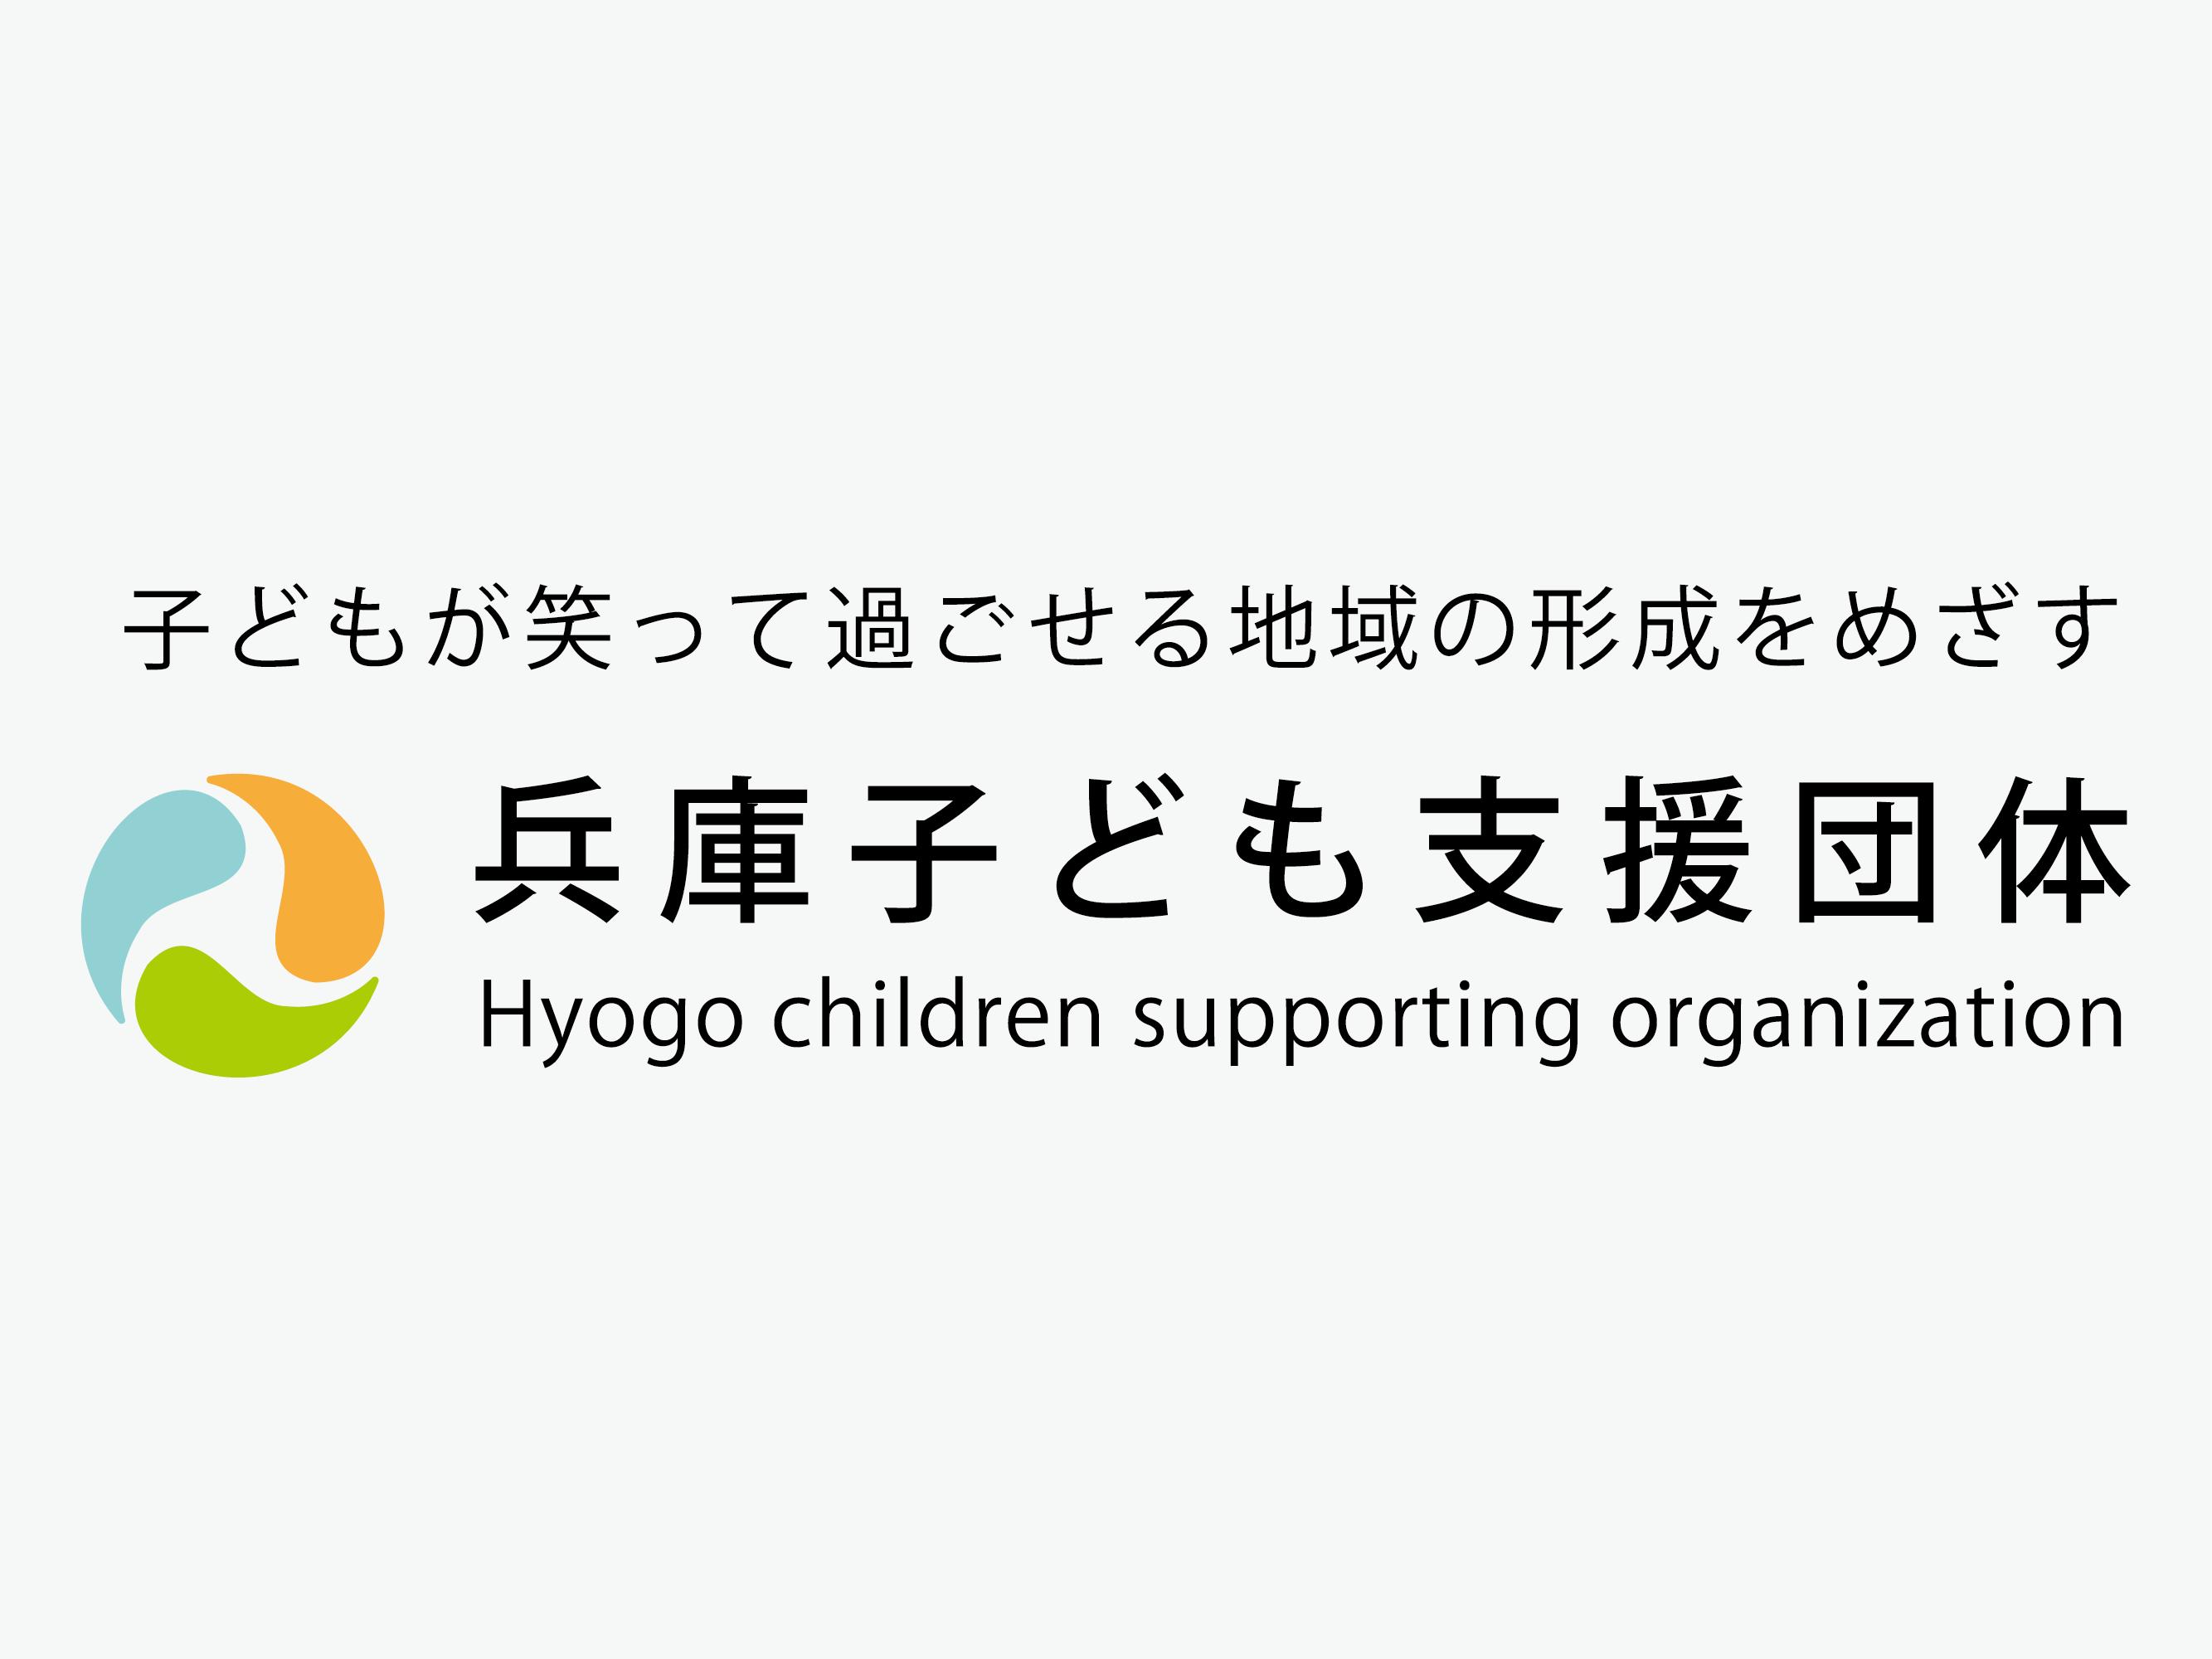 特定非営利活動法人 兵庫子ども支援団体 |